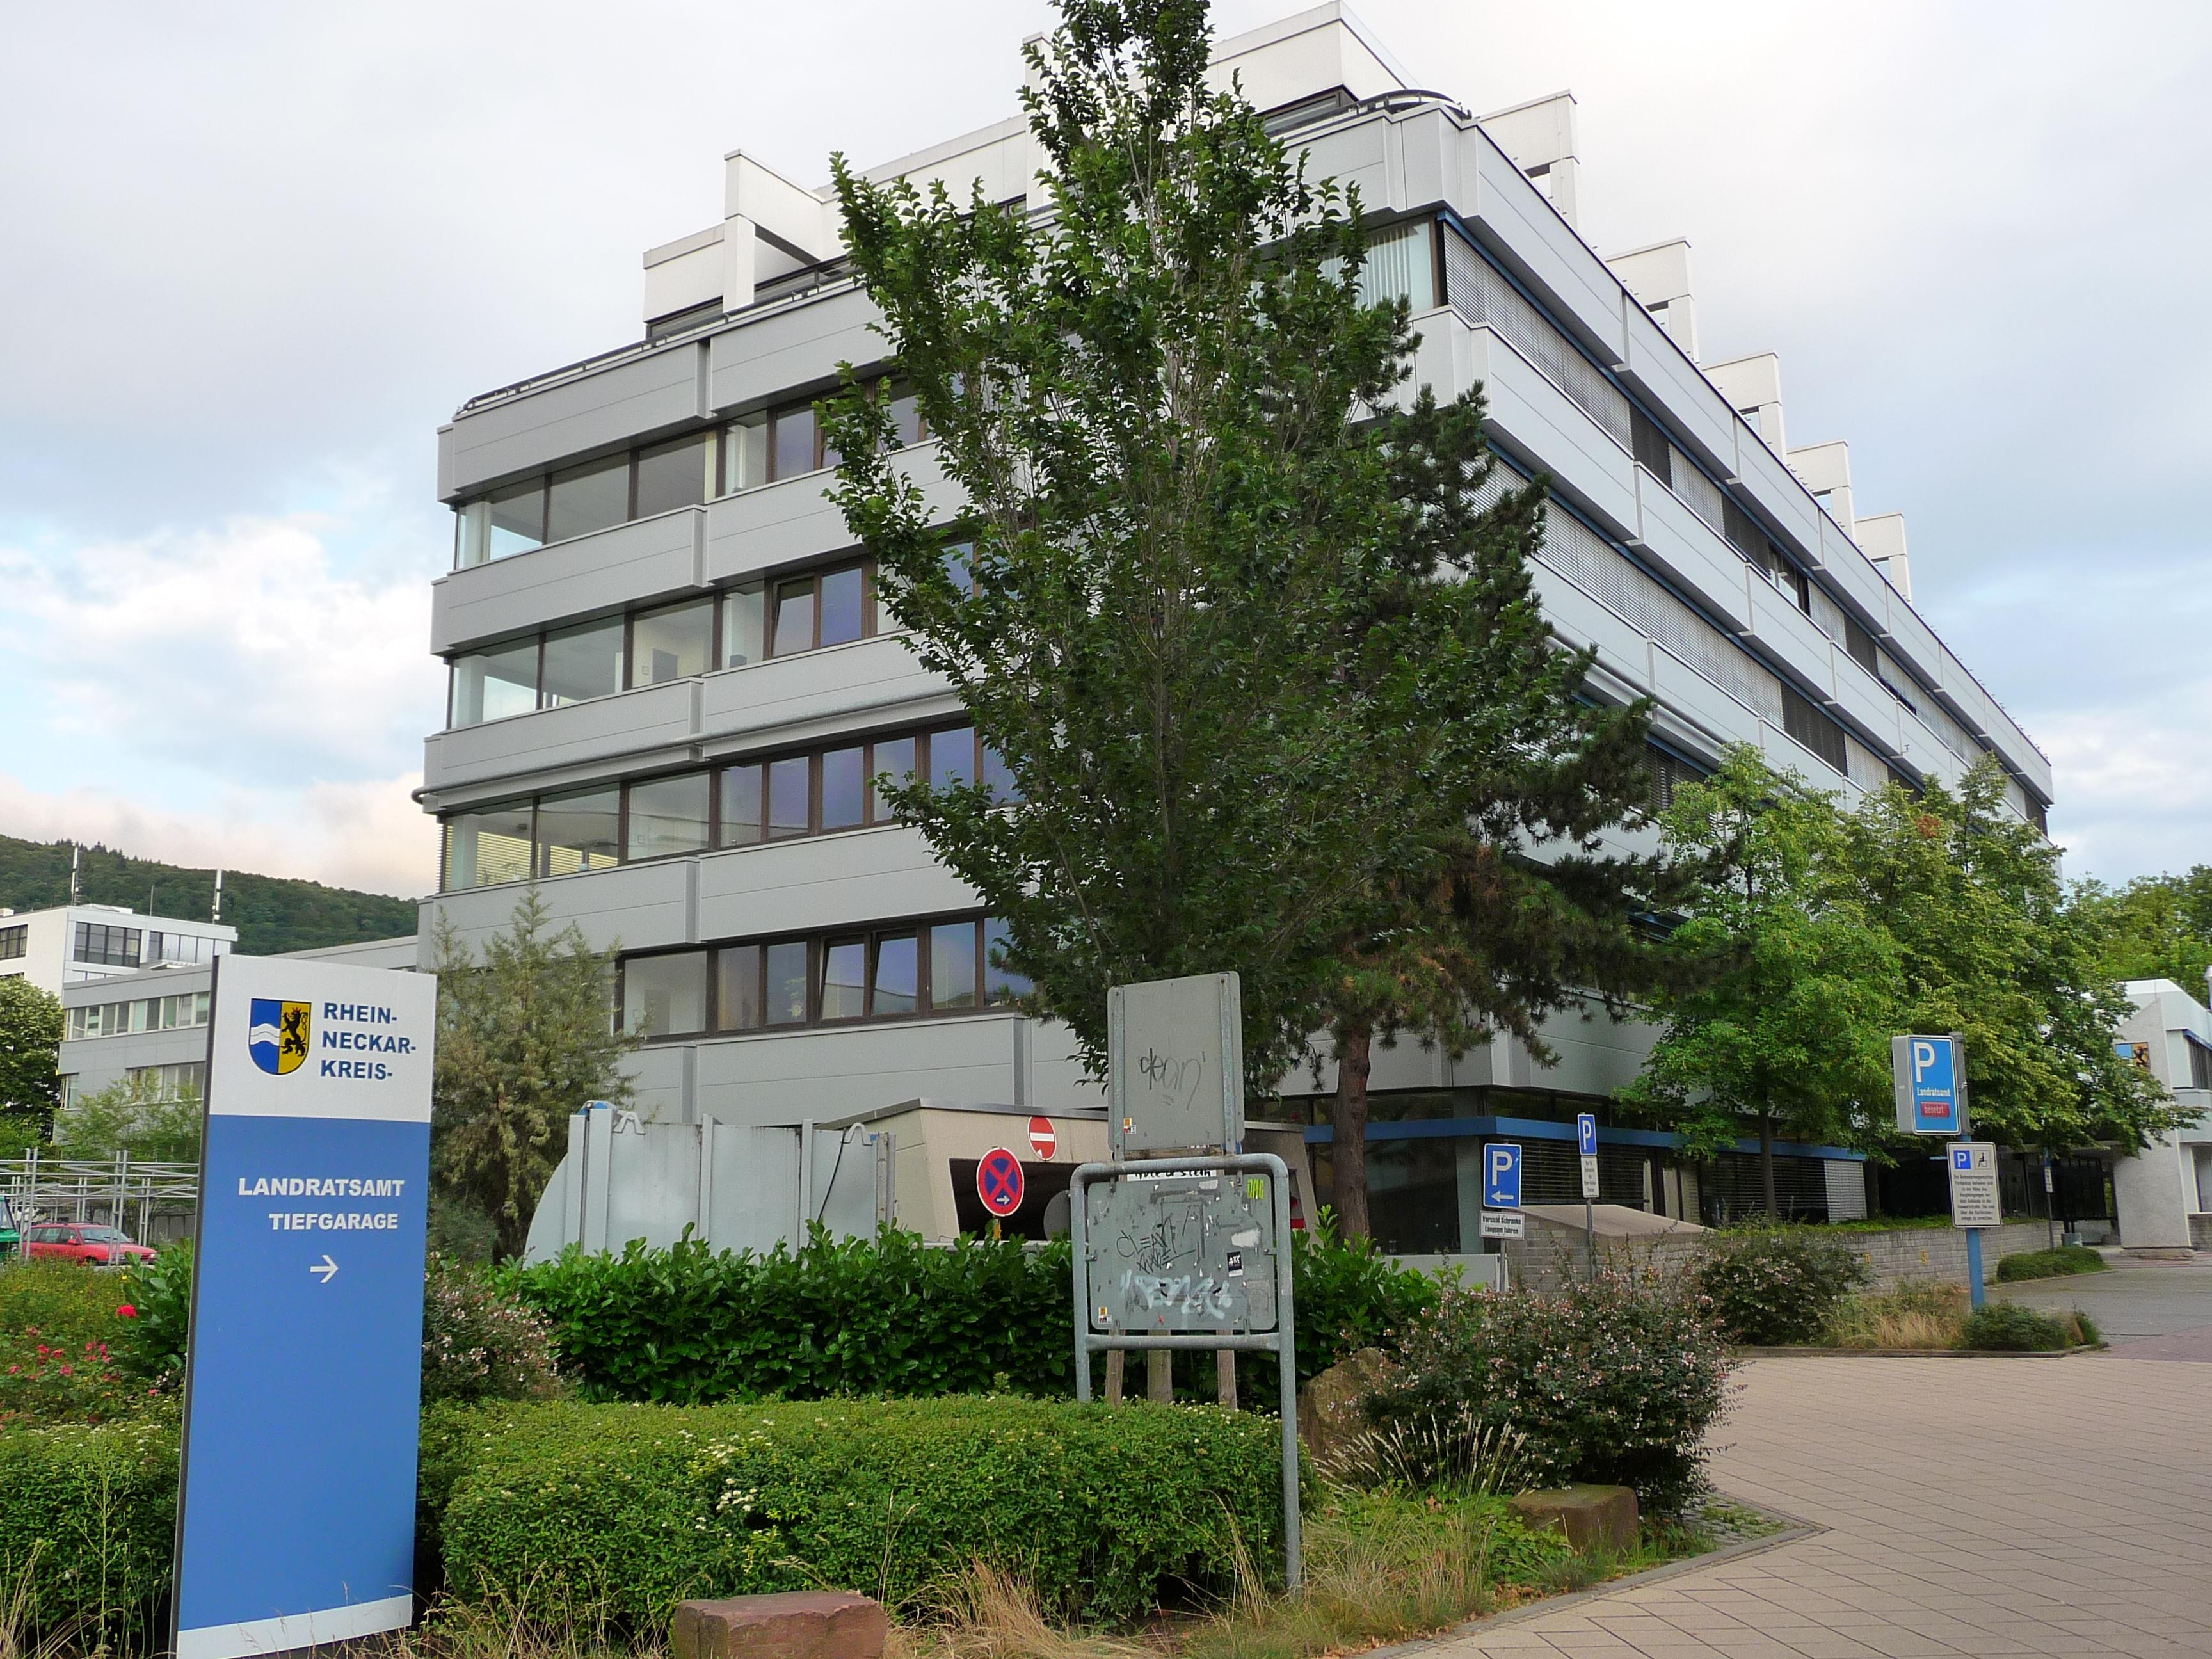 Heidelberg Landratsamt Rhein-Neckar-Kreis.JPG